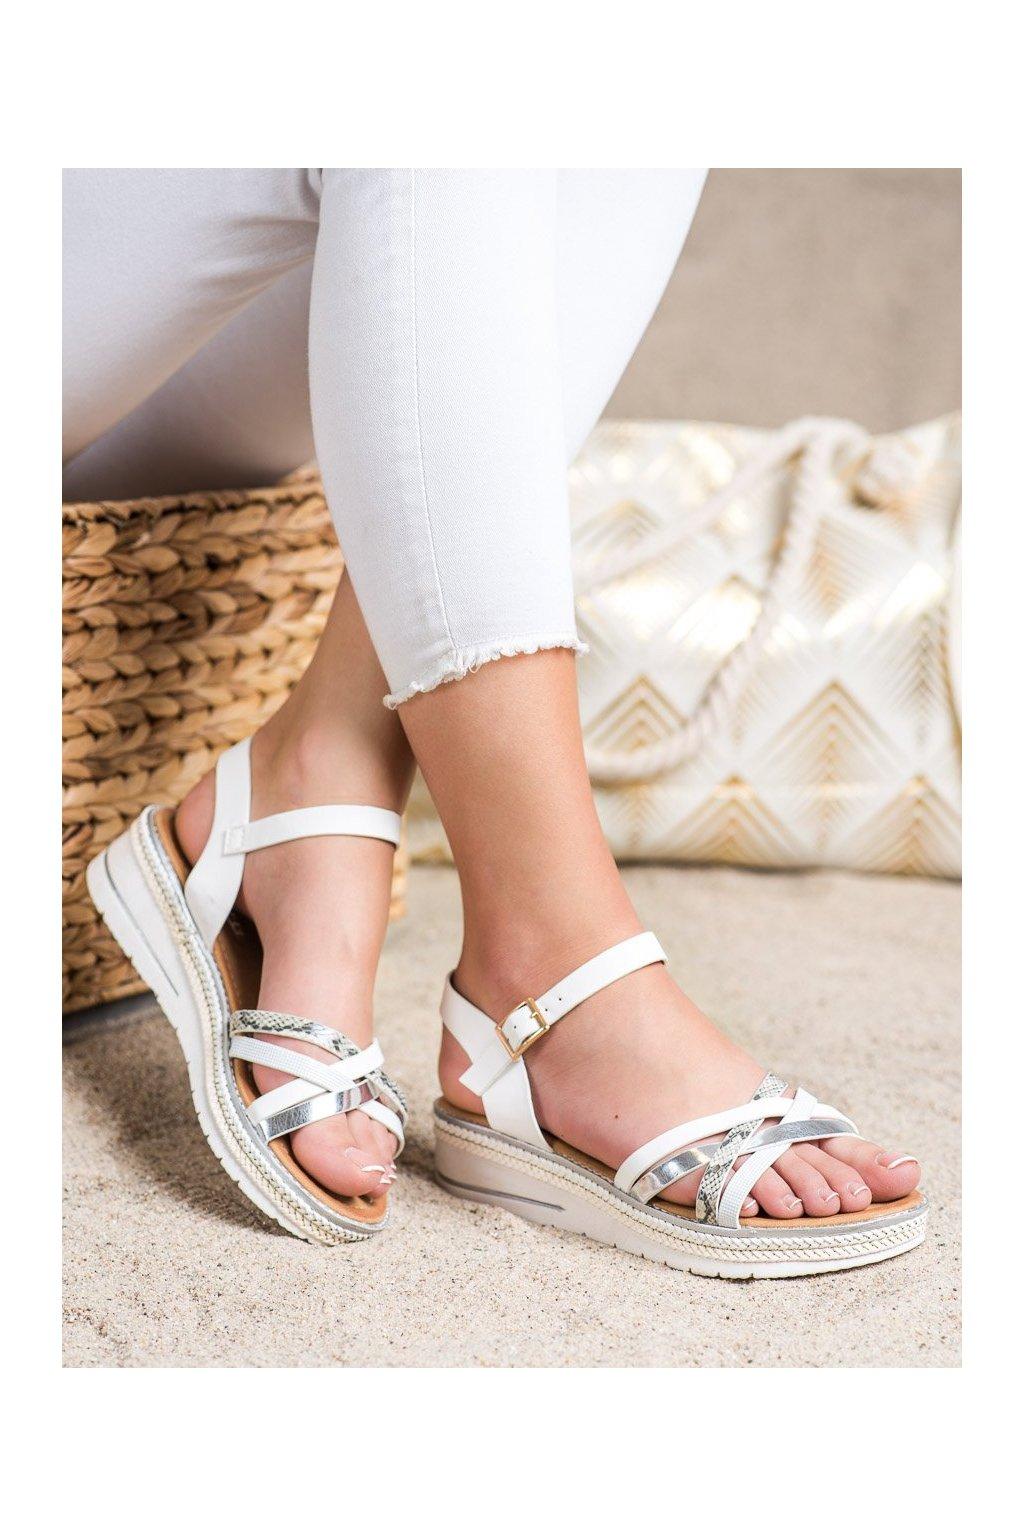 Biele sandále Groto gogo kod G245W